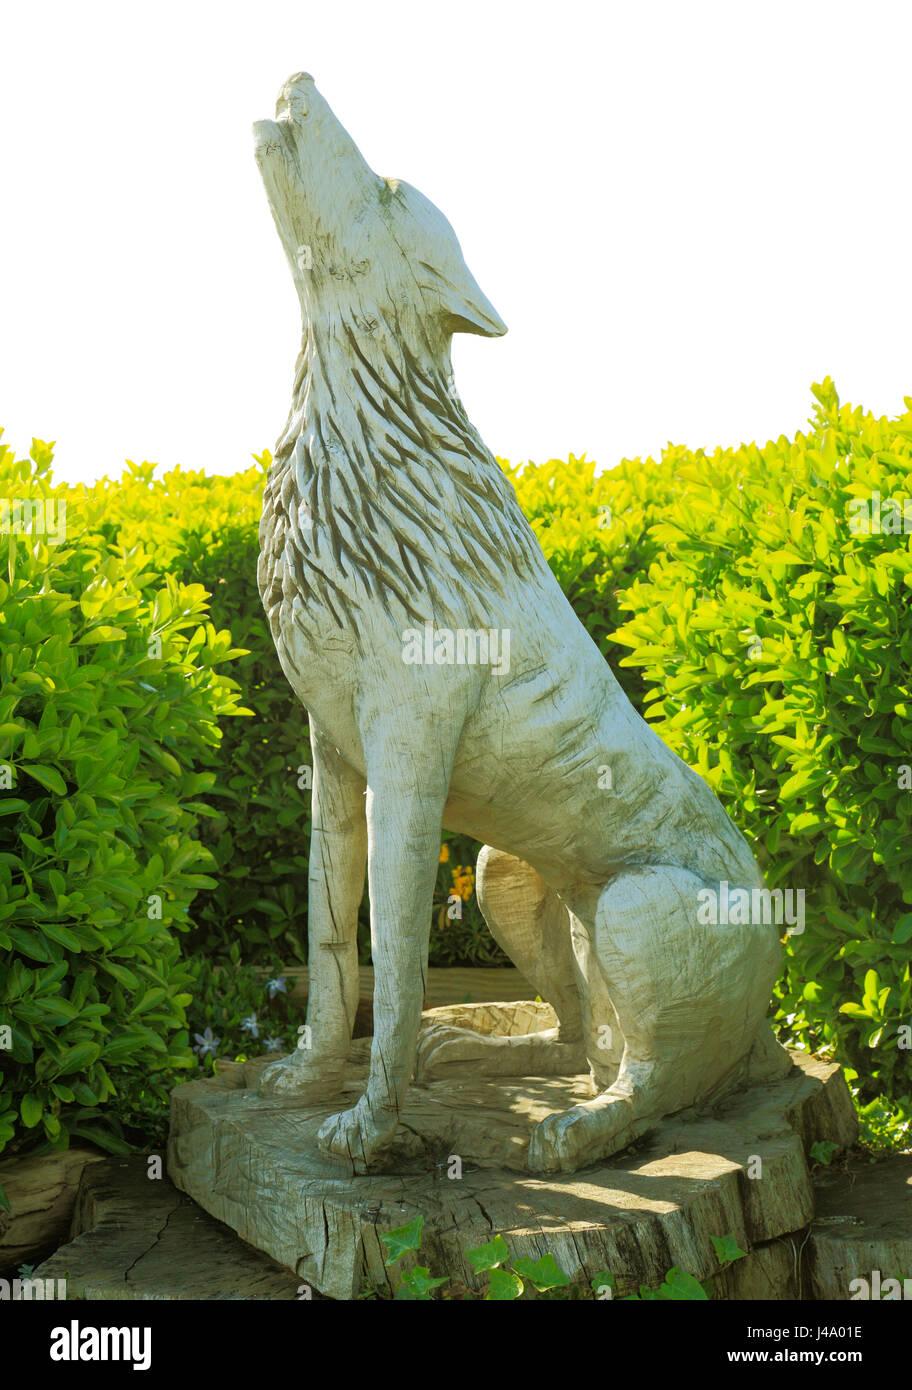 Alten Hunstanton, Denkmal für die legendäre Wolf, der St. Edmund bewacht abgetrennten Kopf. Geschnitzte Stockbild